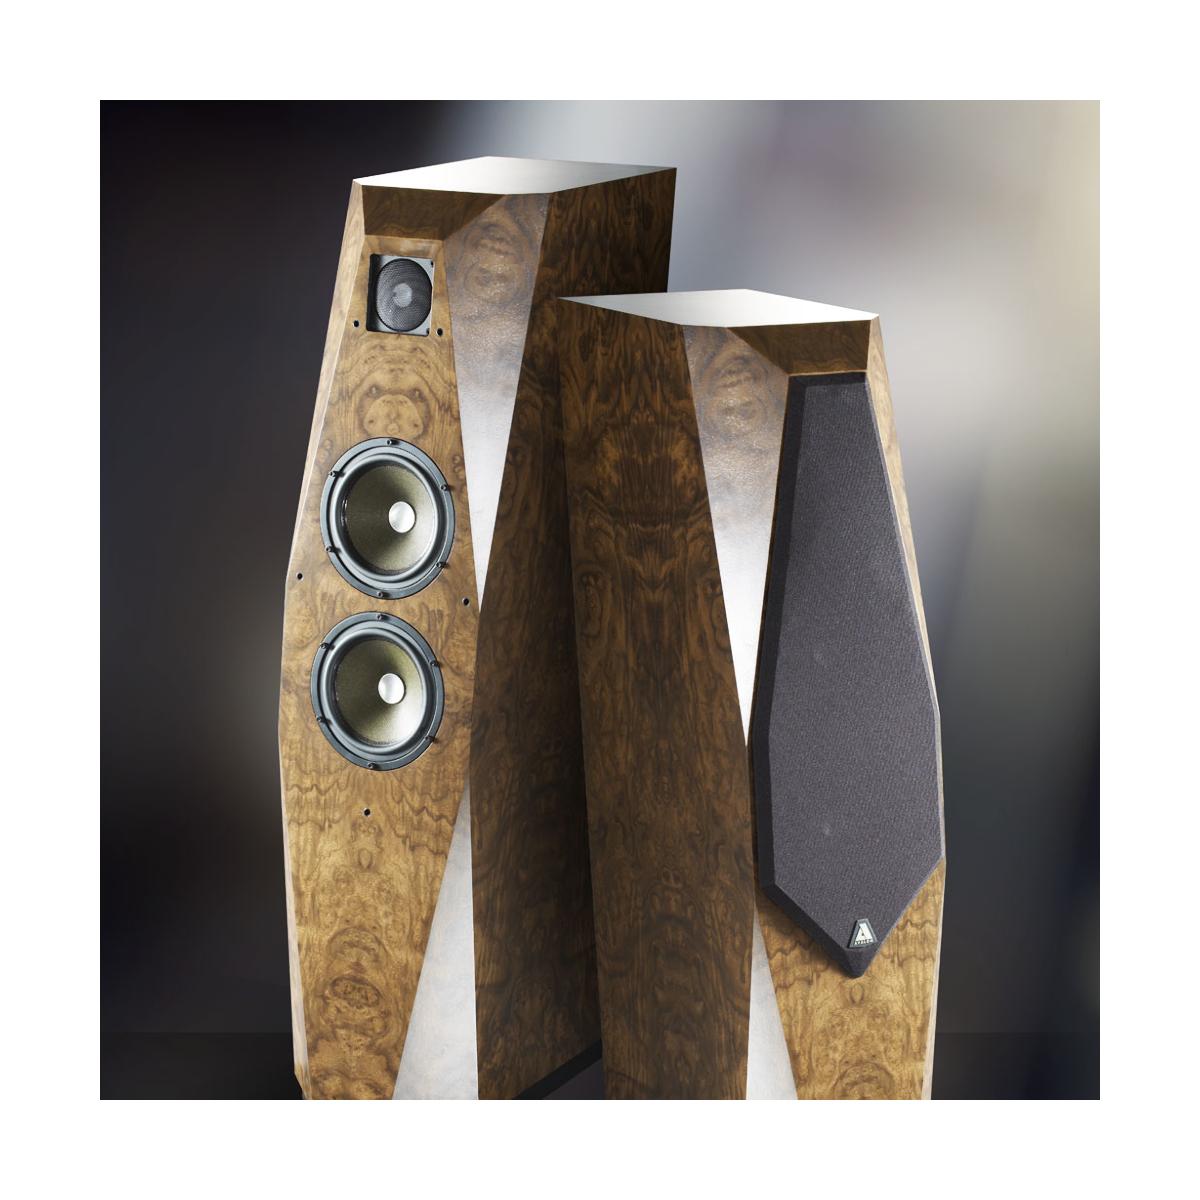 Avalon Acoustics Transcendent Cherry 販売価格お問い合わせください。 アヴァロン スピーカーシステム